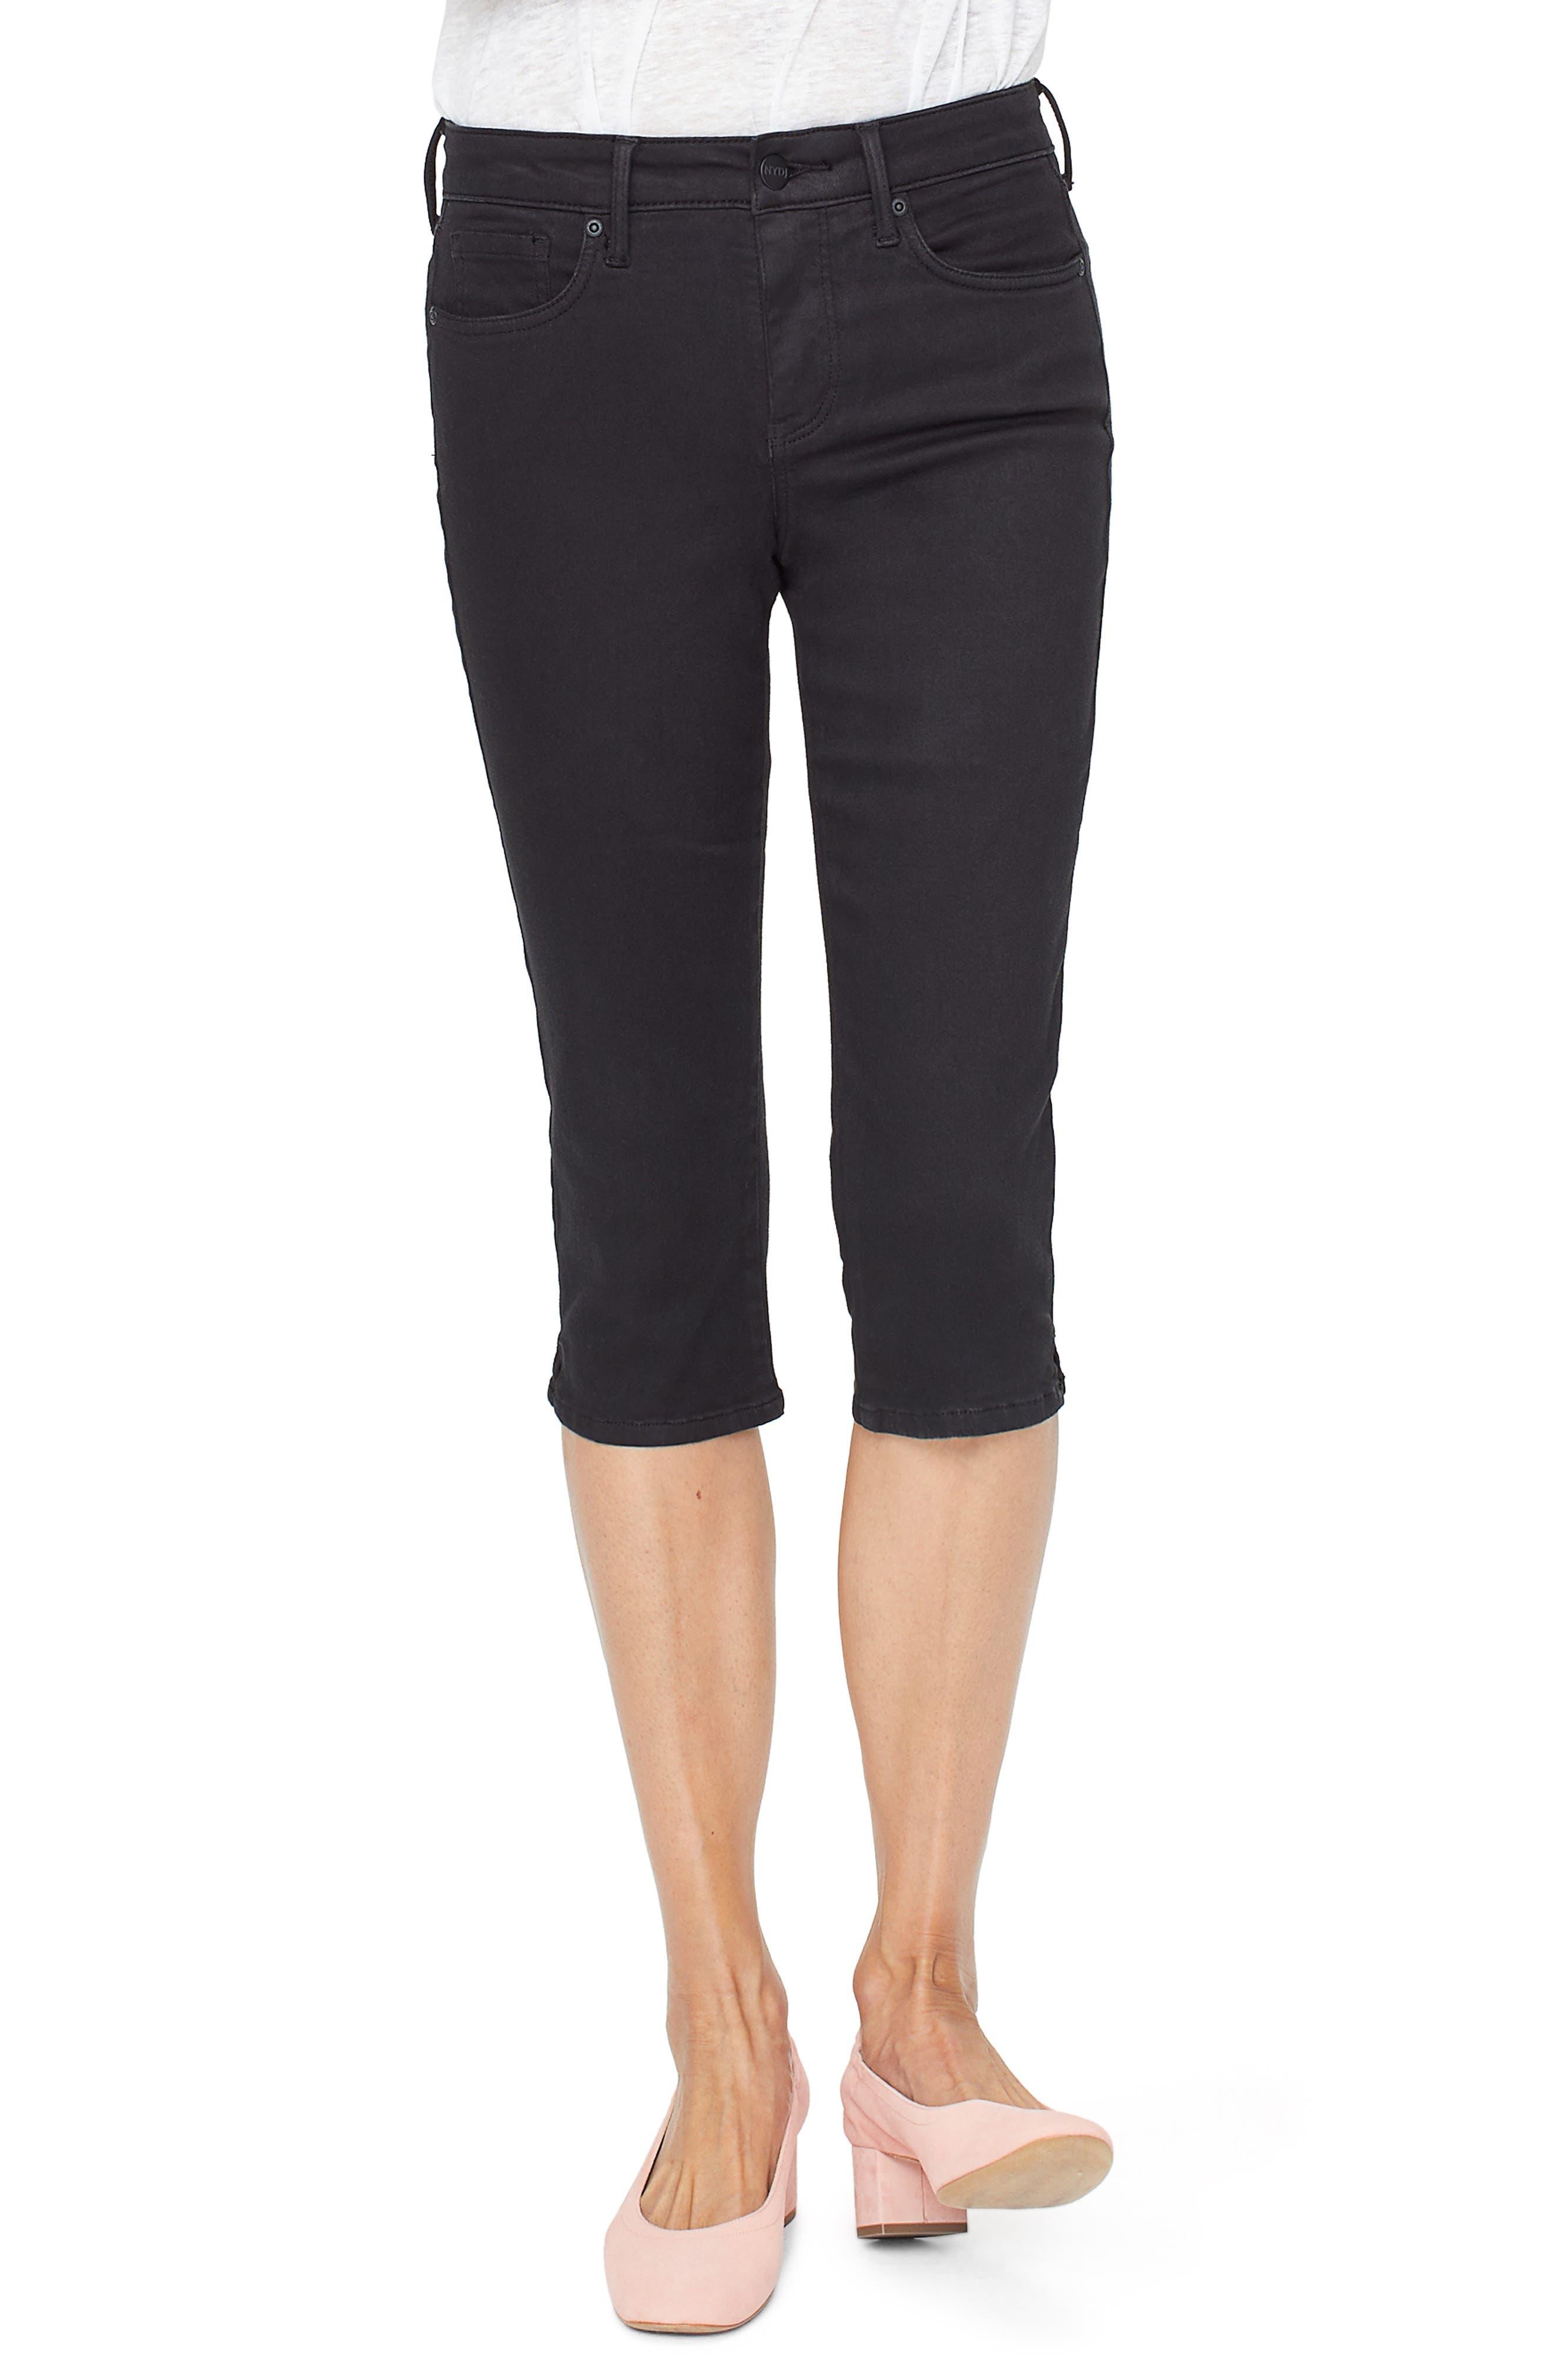 Nydj Capri Skinny Jeans, Black